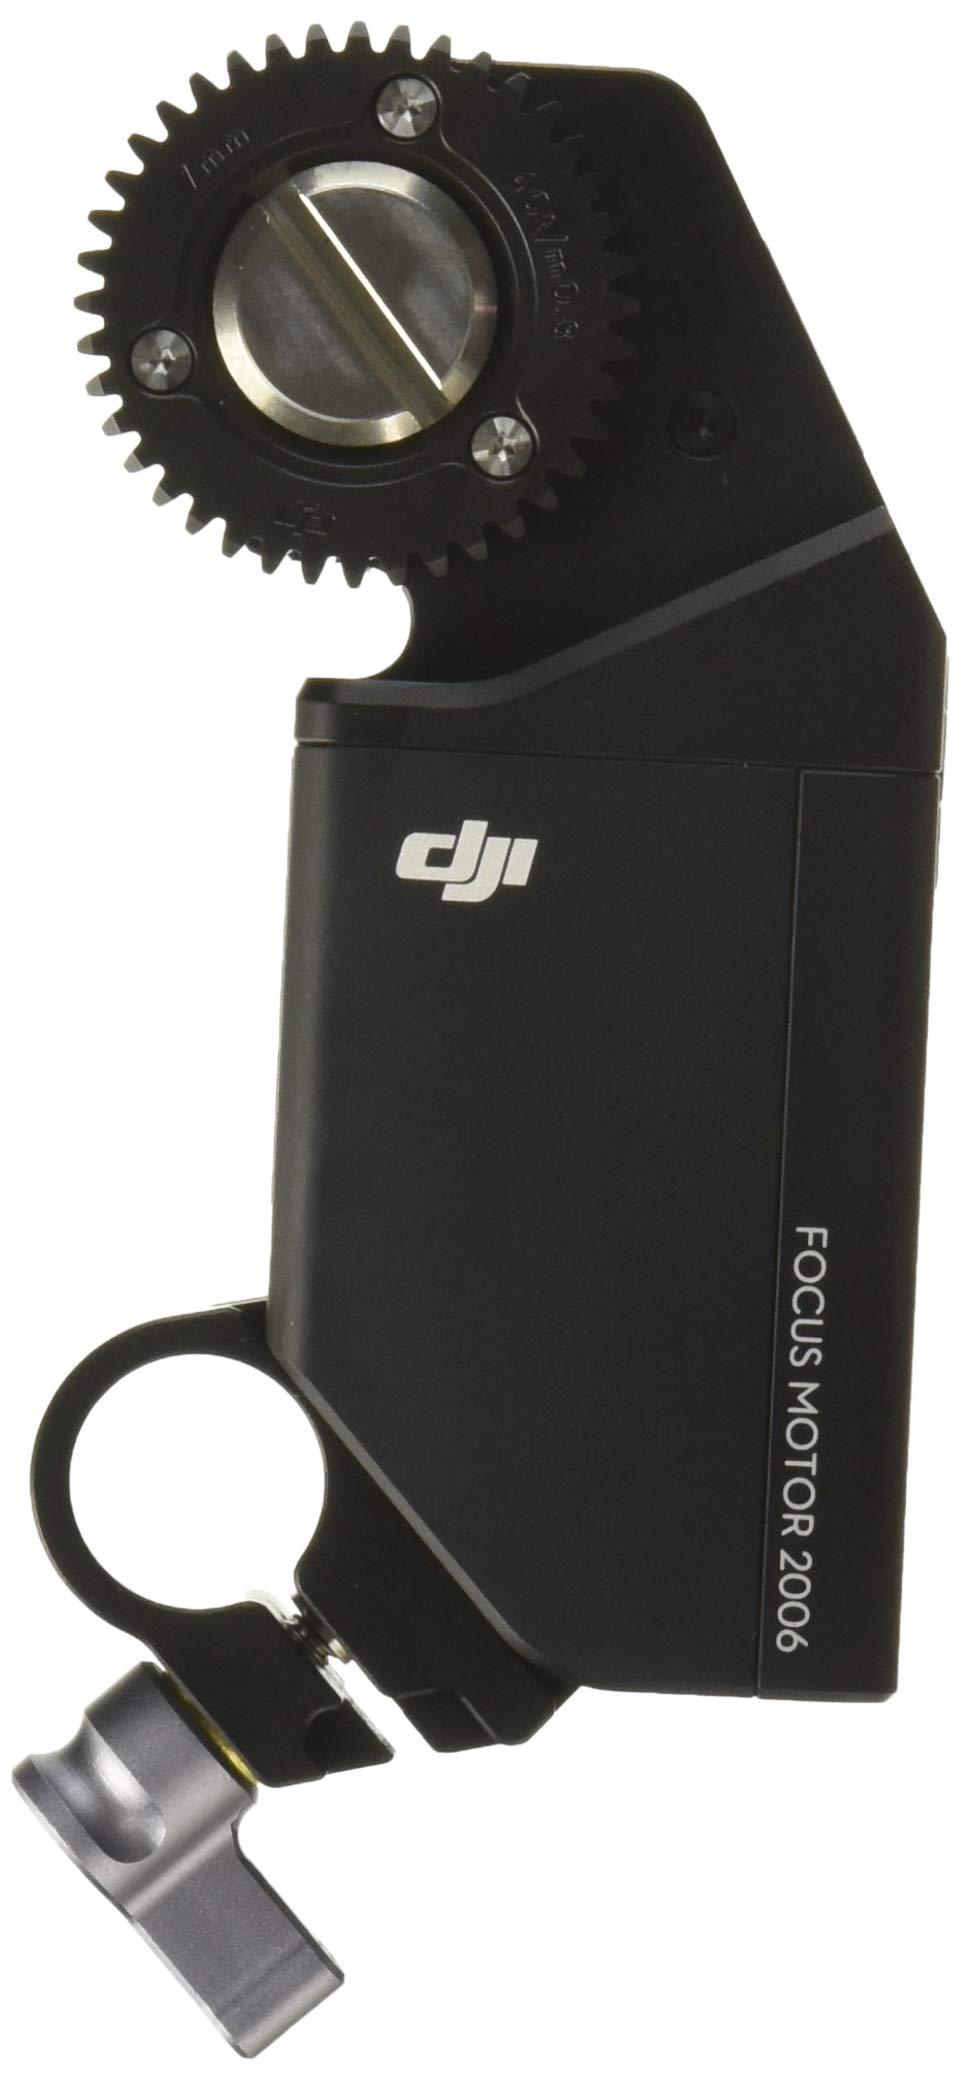 DJI Ronin-S Part 17 Focus Motor by DJI